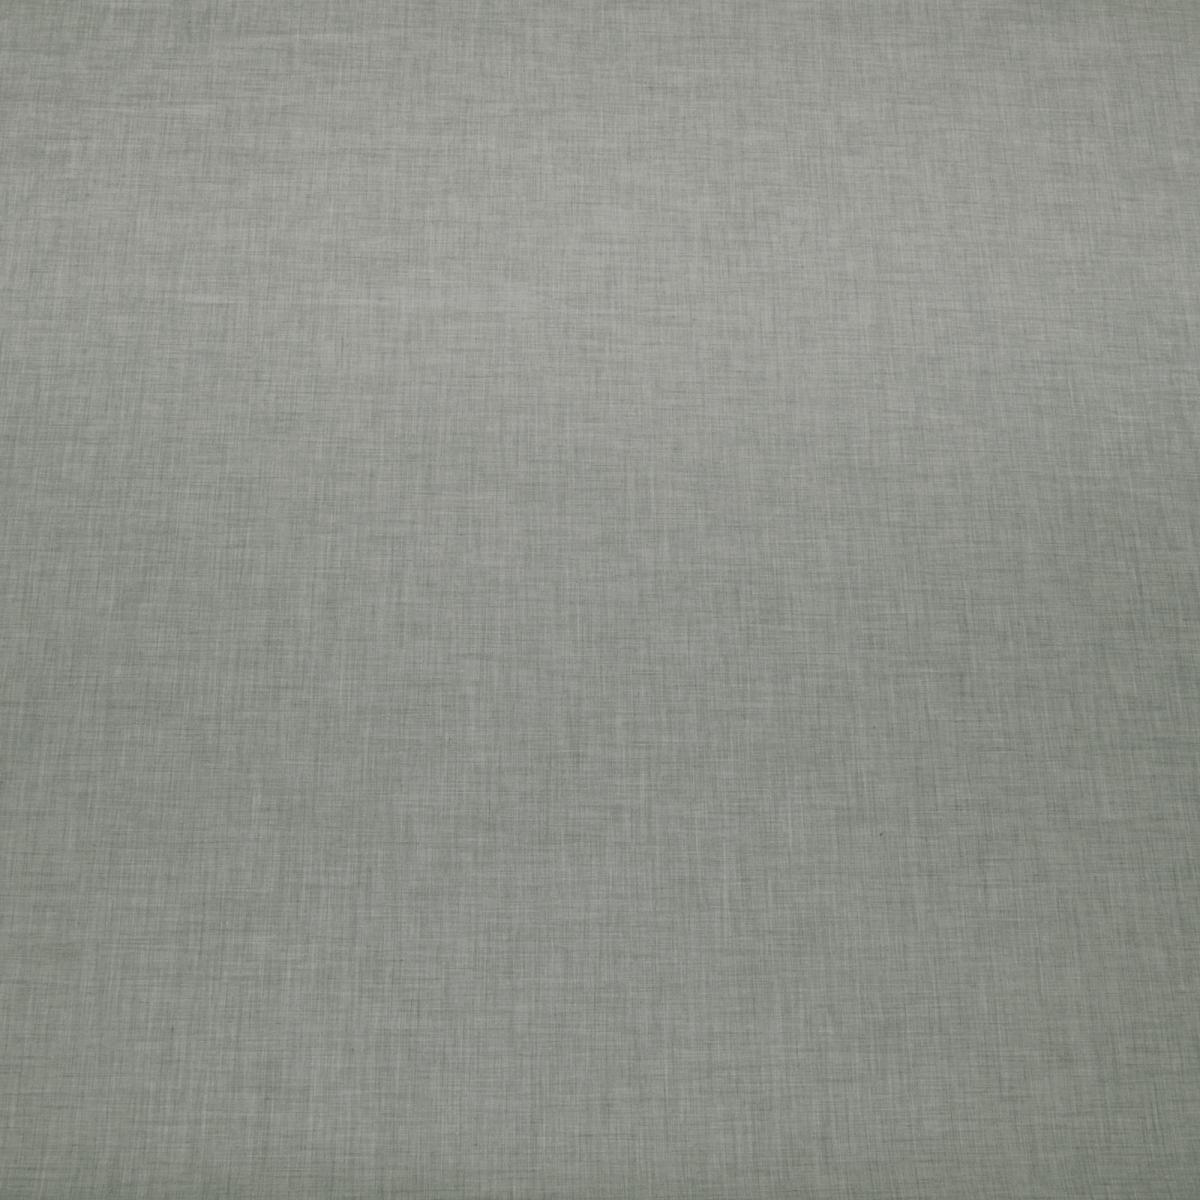 дымчато серый цвет фото запросу тормозной бачок